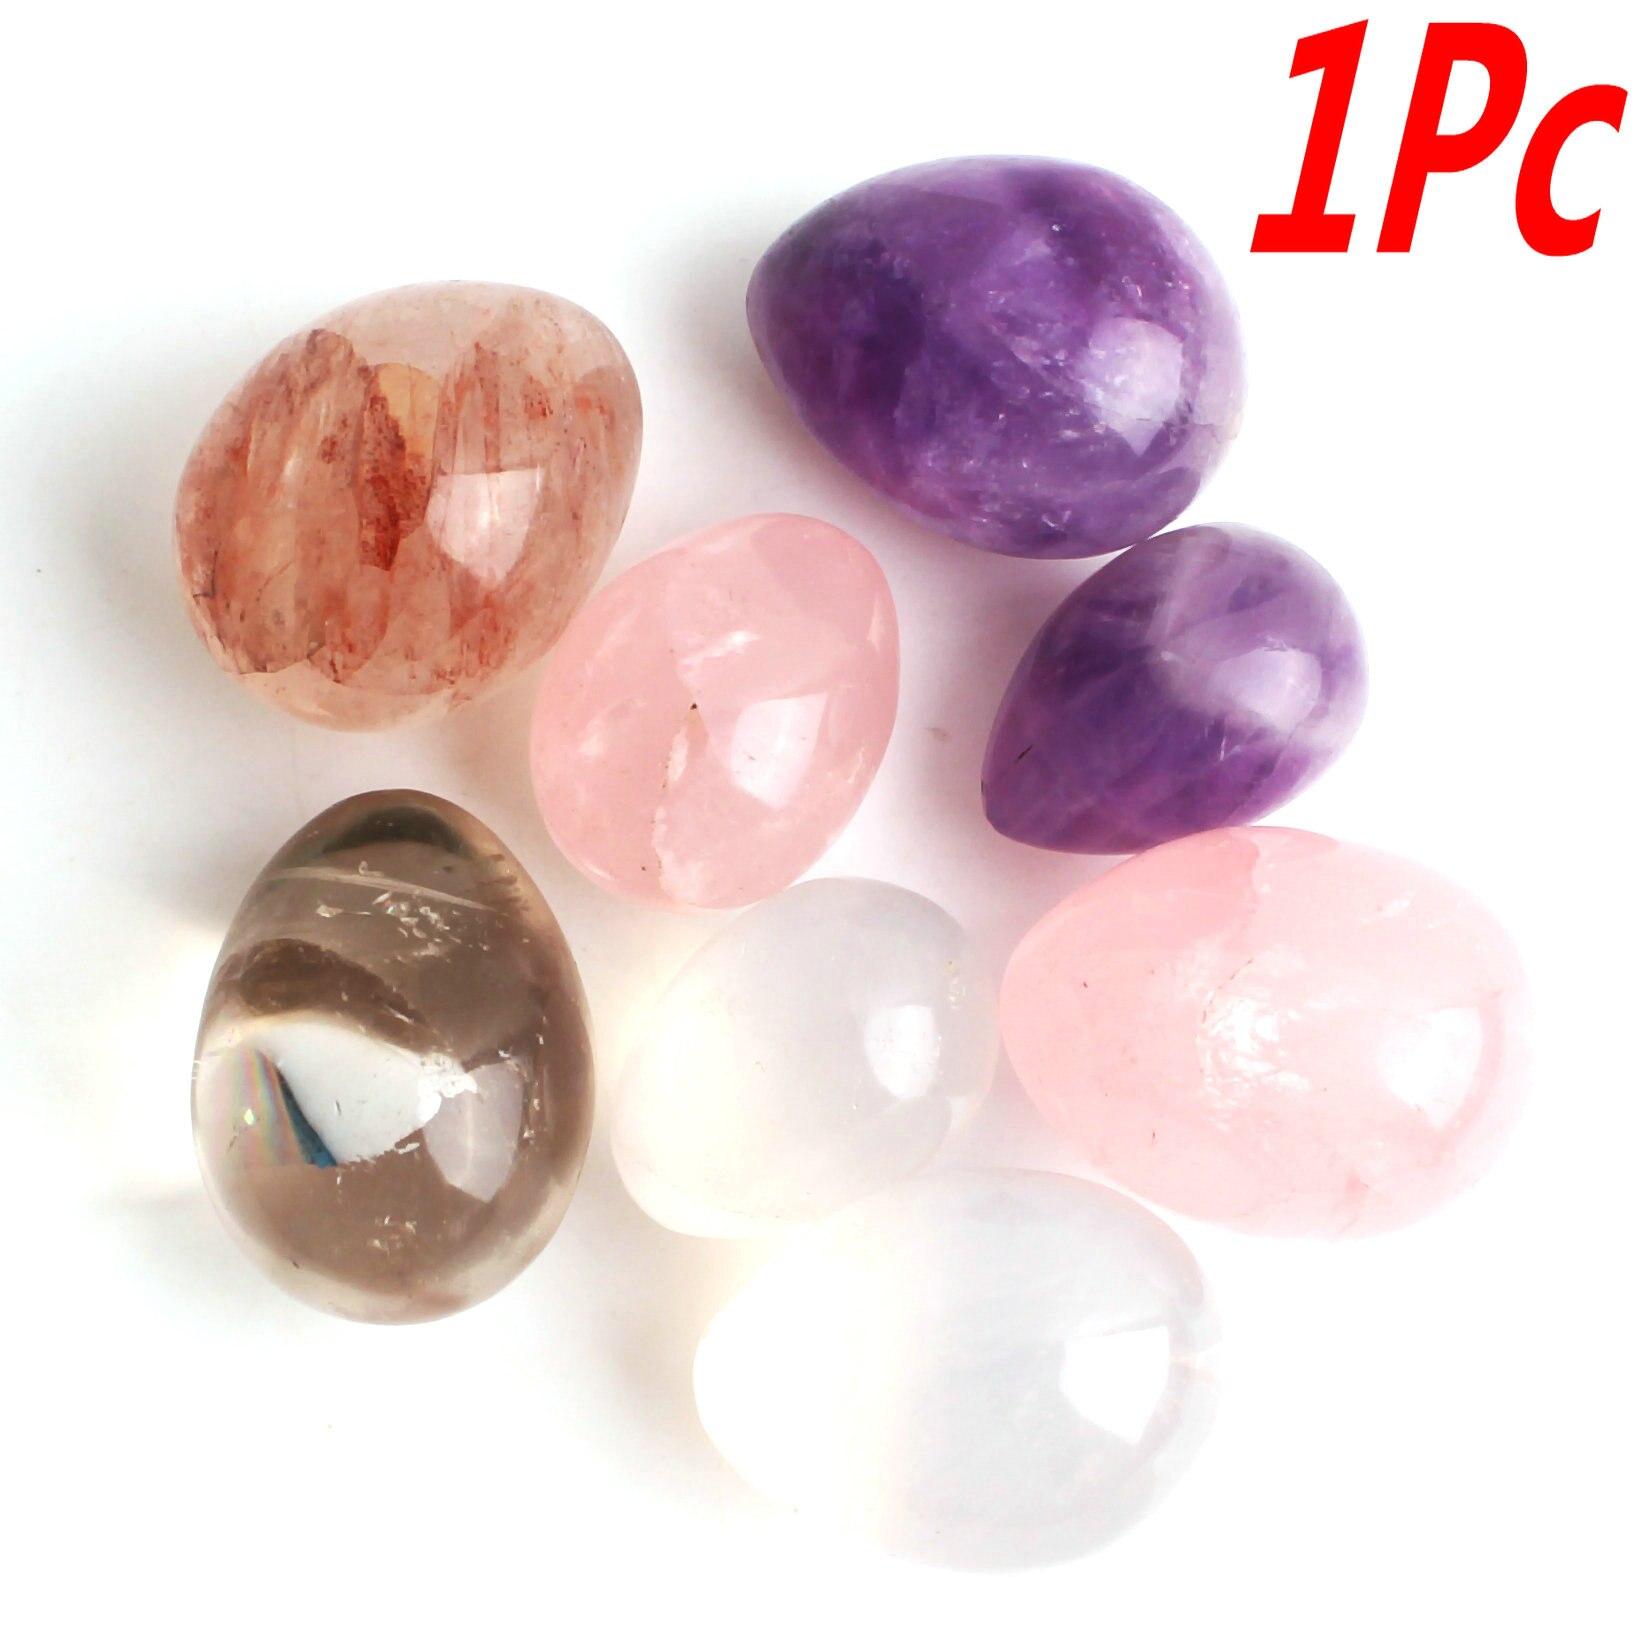 1 ud. Cristal Natural amatista rosa cuarzo huevo BOLA MÁGICA Mini ornamento esfera bola piedra pulida curación regalo